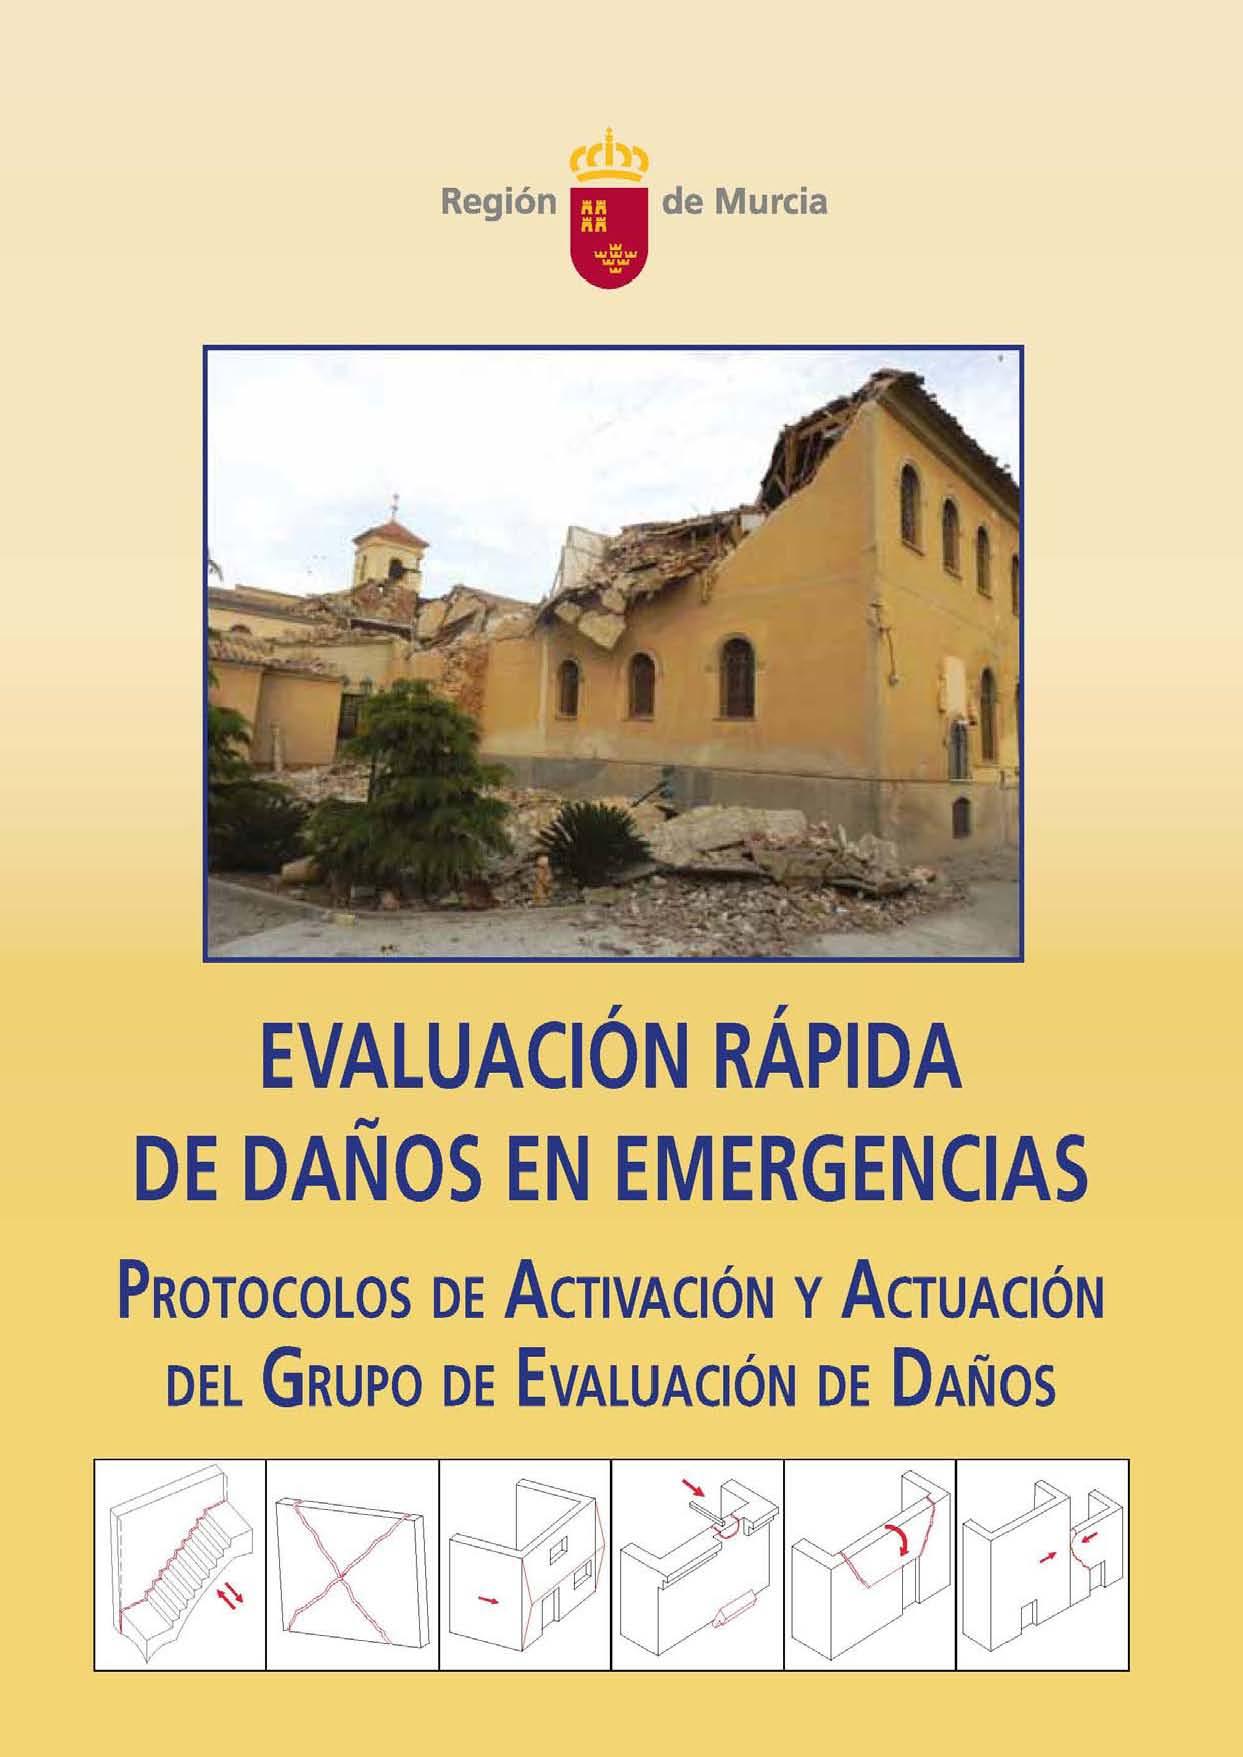 Pages from VV.AA. 2015. Evaluación Rápida de Daños en Emergencias. PRotocolos de Activación y Actuación del GRupo de Evaluación de Daños. Comunidad de Murcia